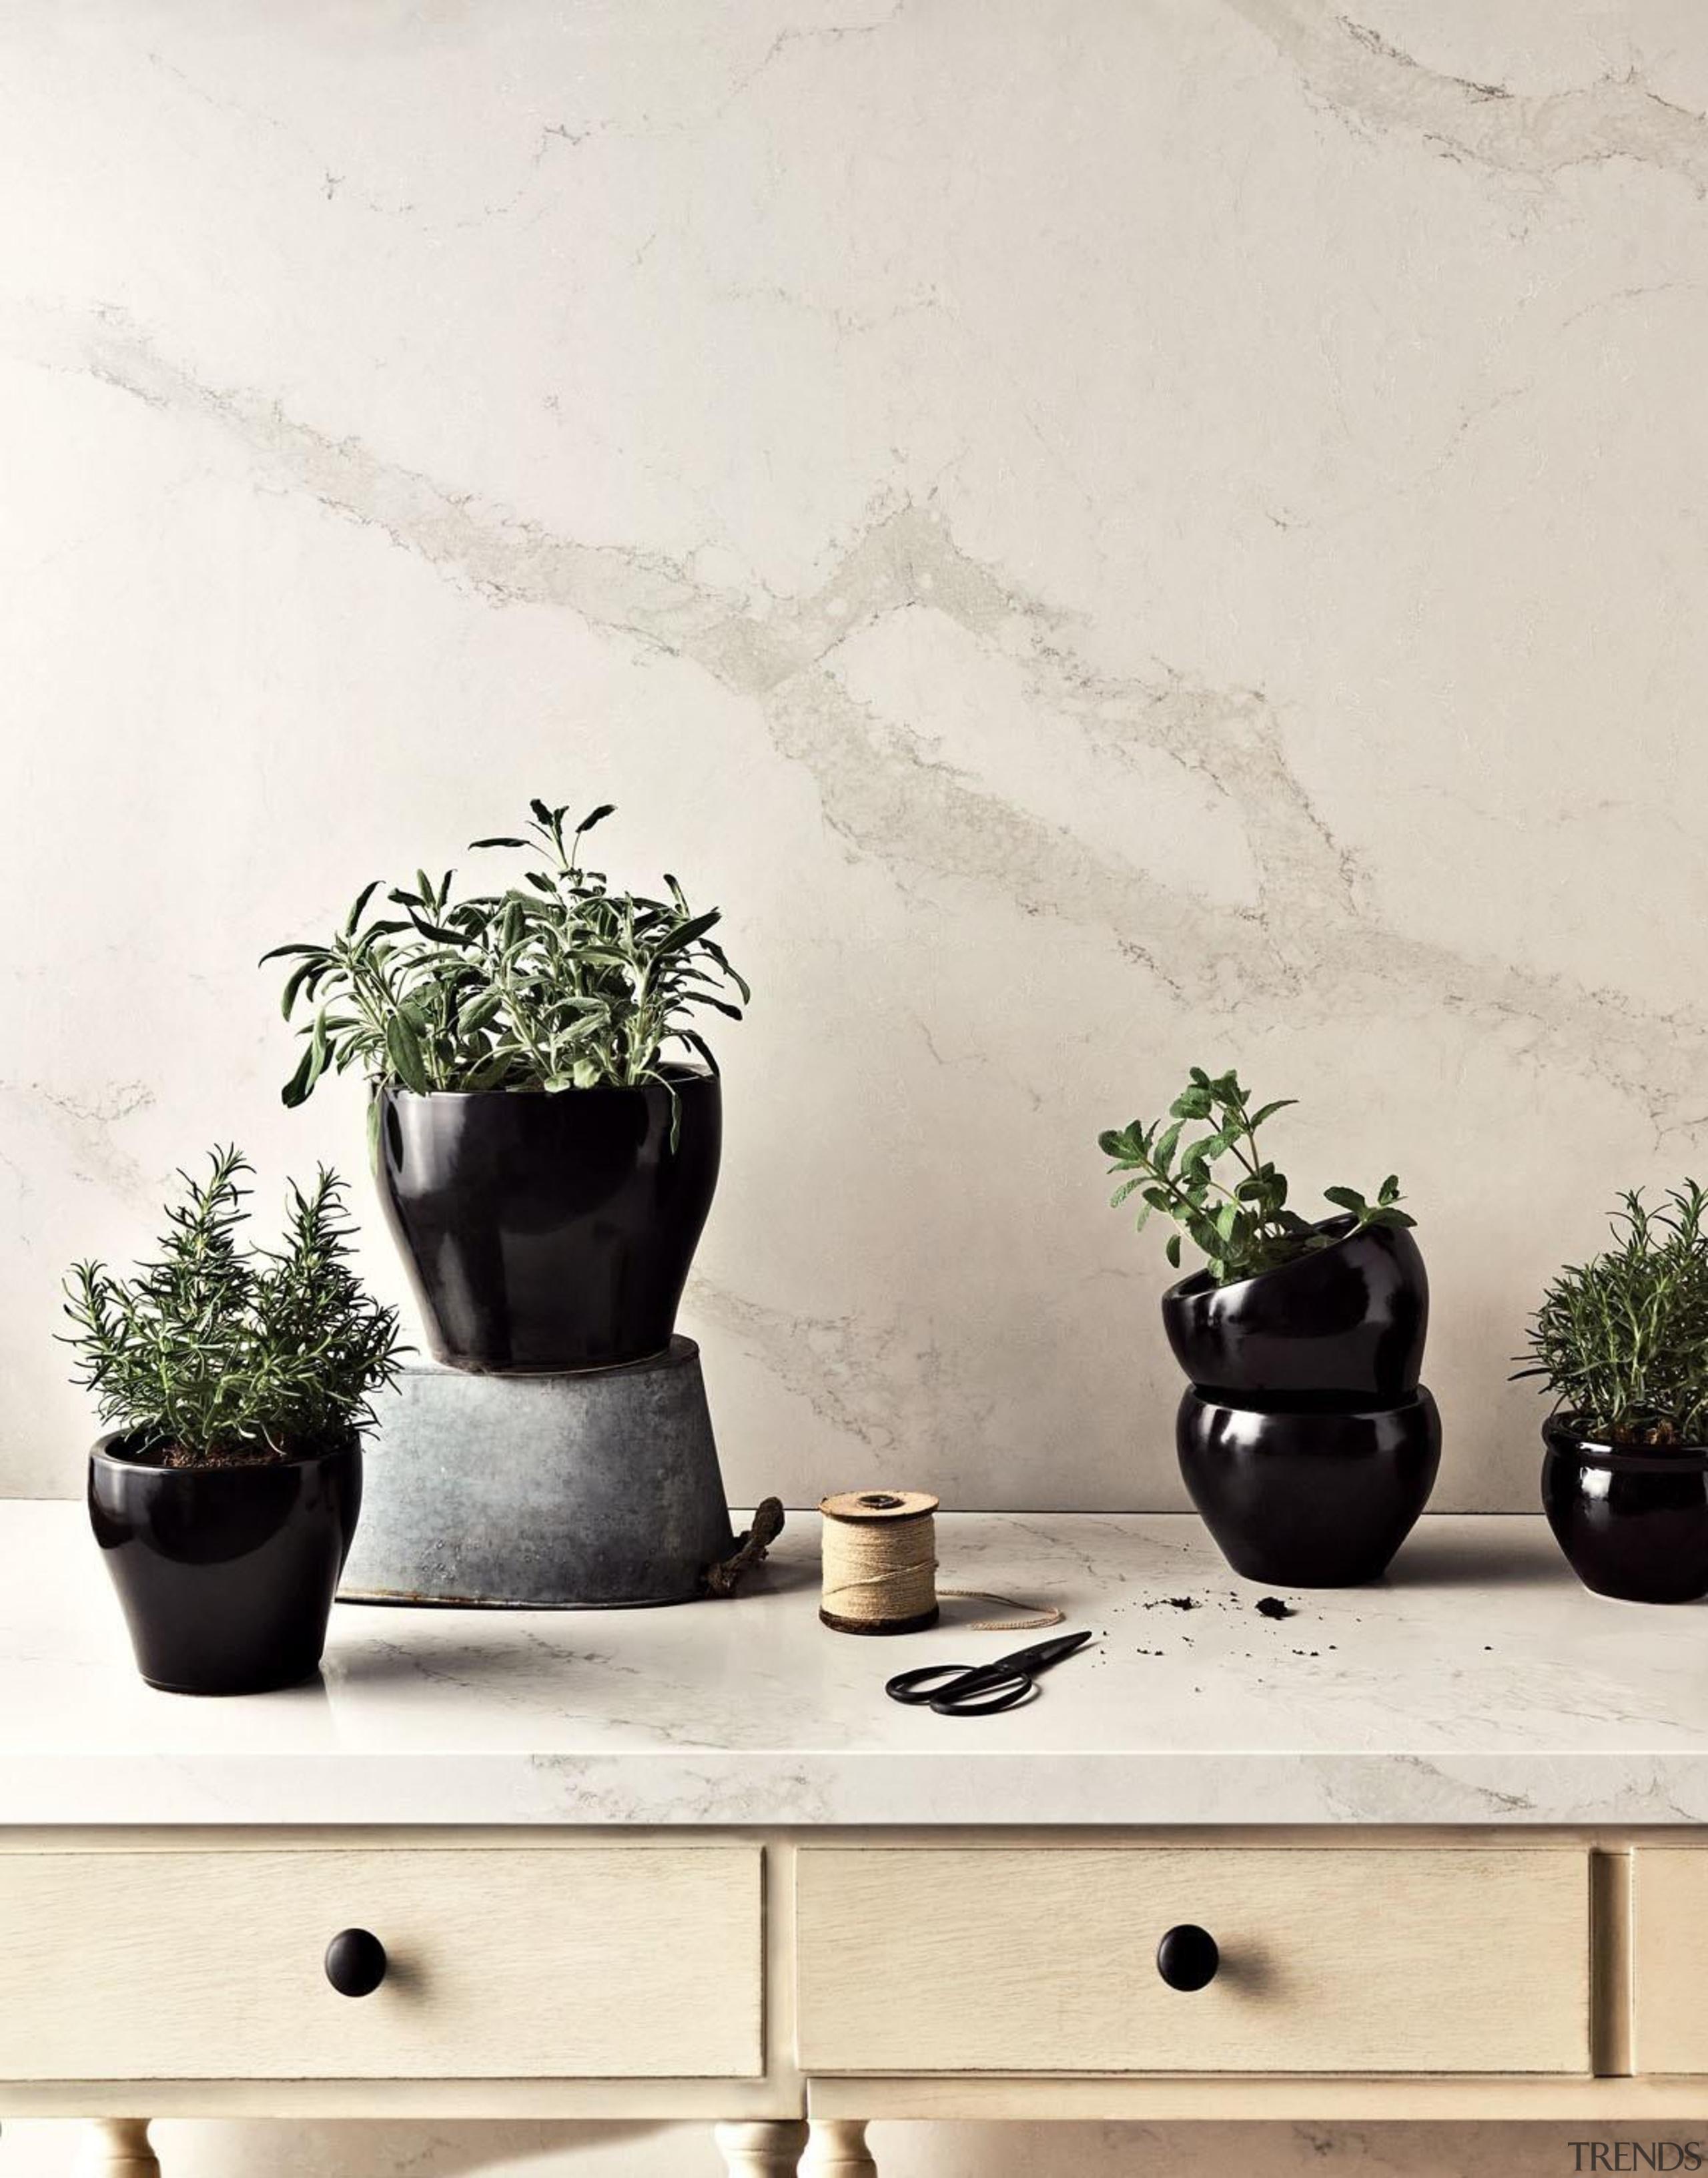 herbssingle.jpg - herbssingle.jpg - ceramic | flowerpot | ceramic, flowerpot, houseplant, interior design, plant, product design, still life photography, table, vase, wall, white